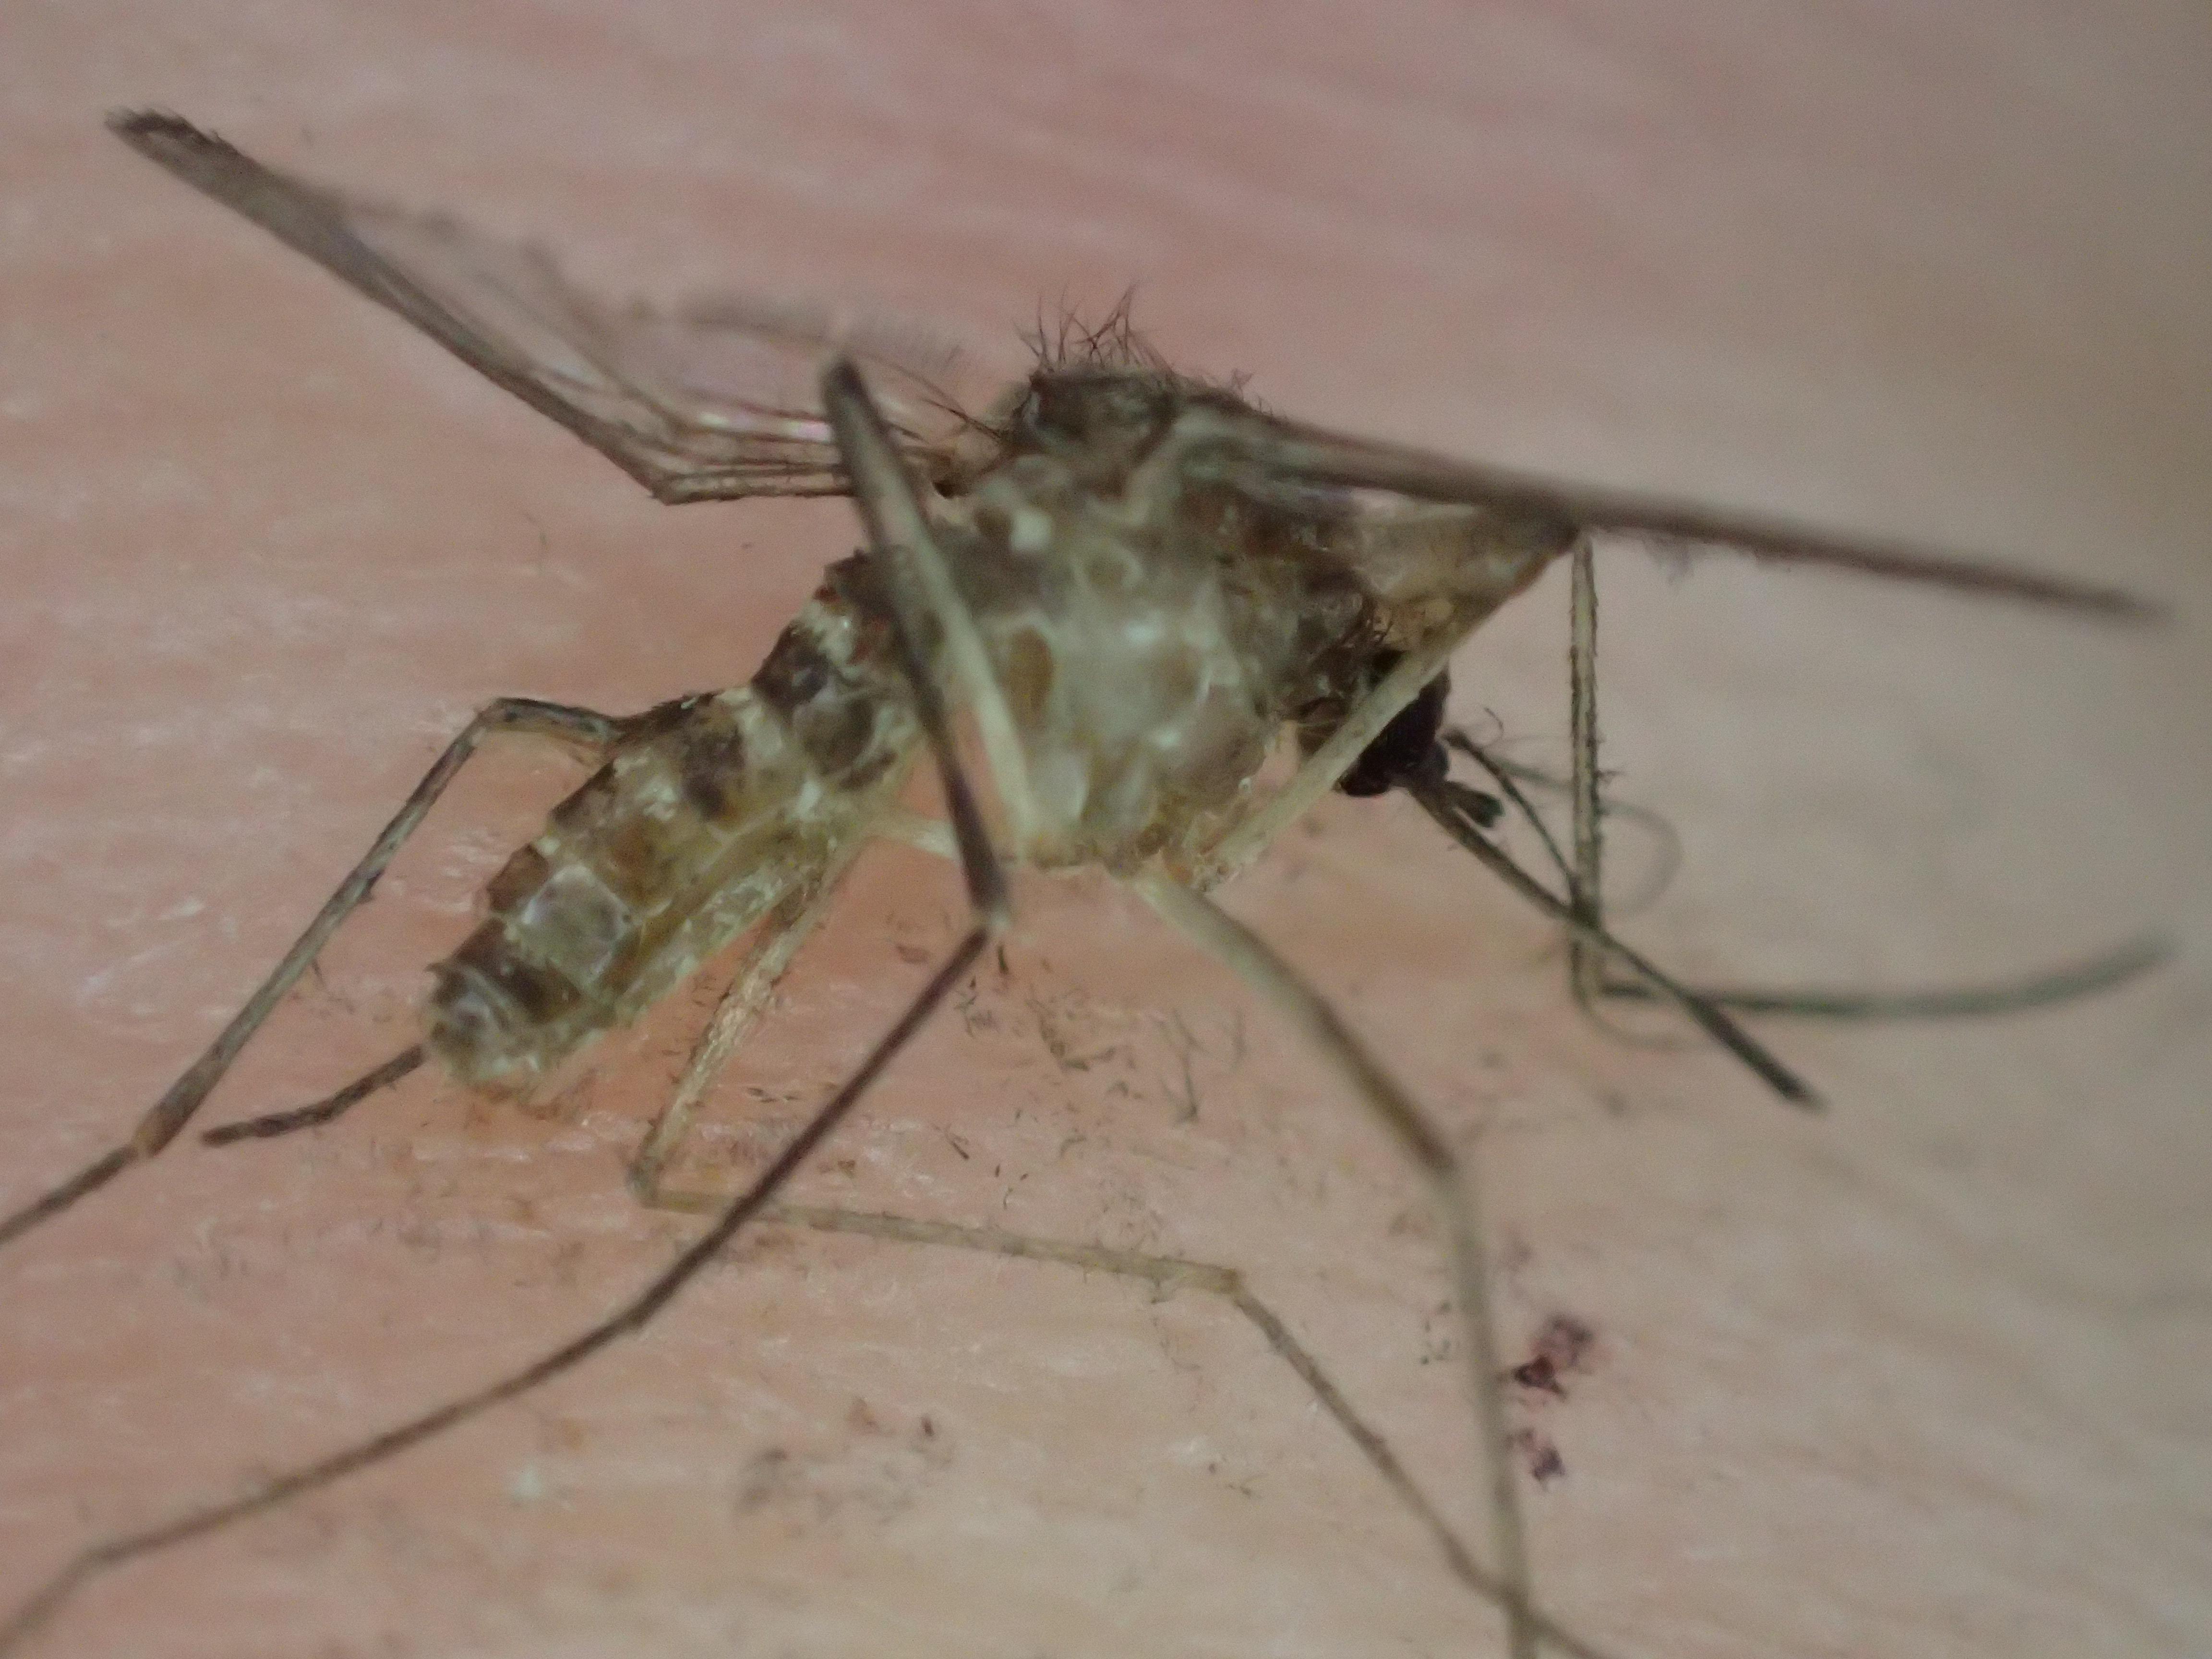 人力で駆除・退治した媒介虫の蚊